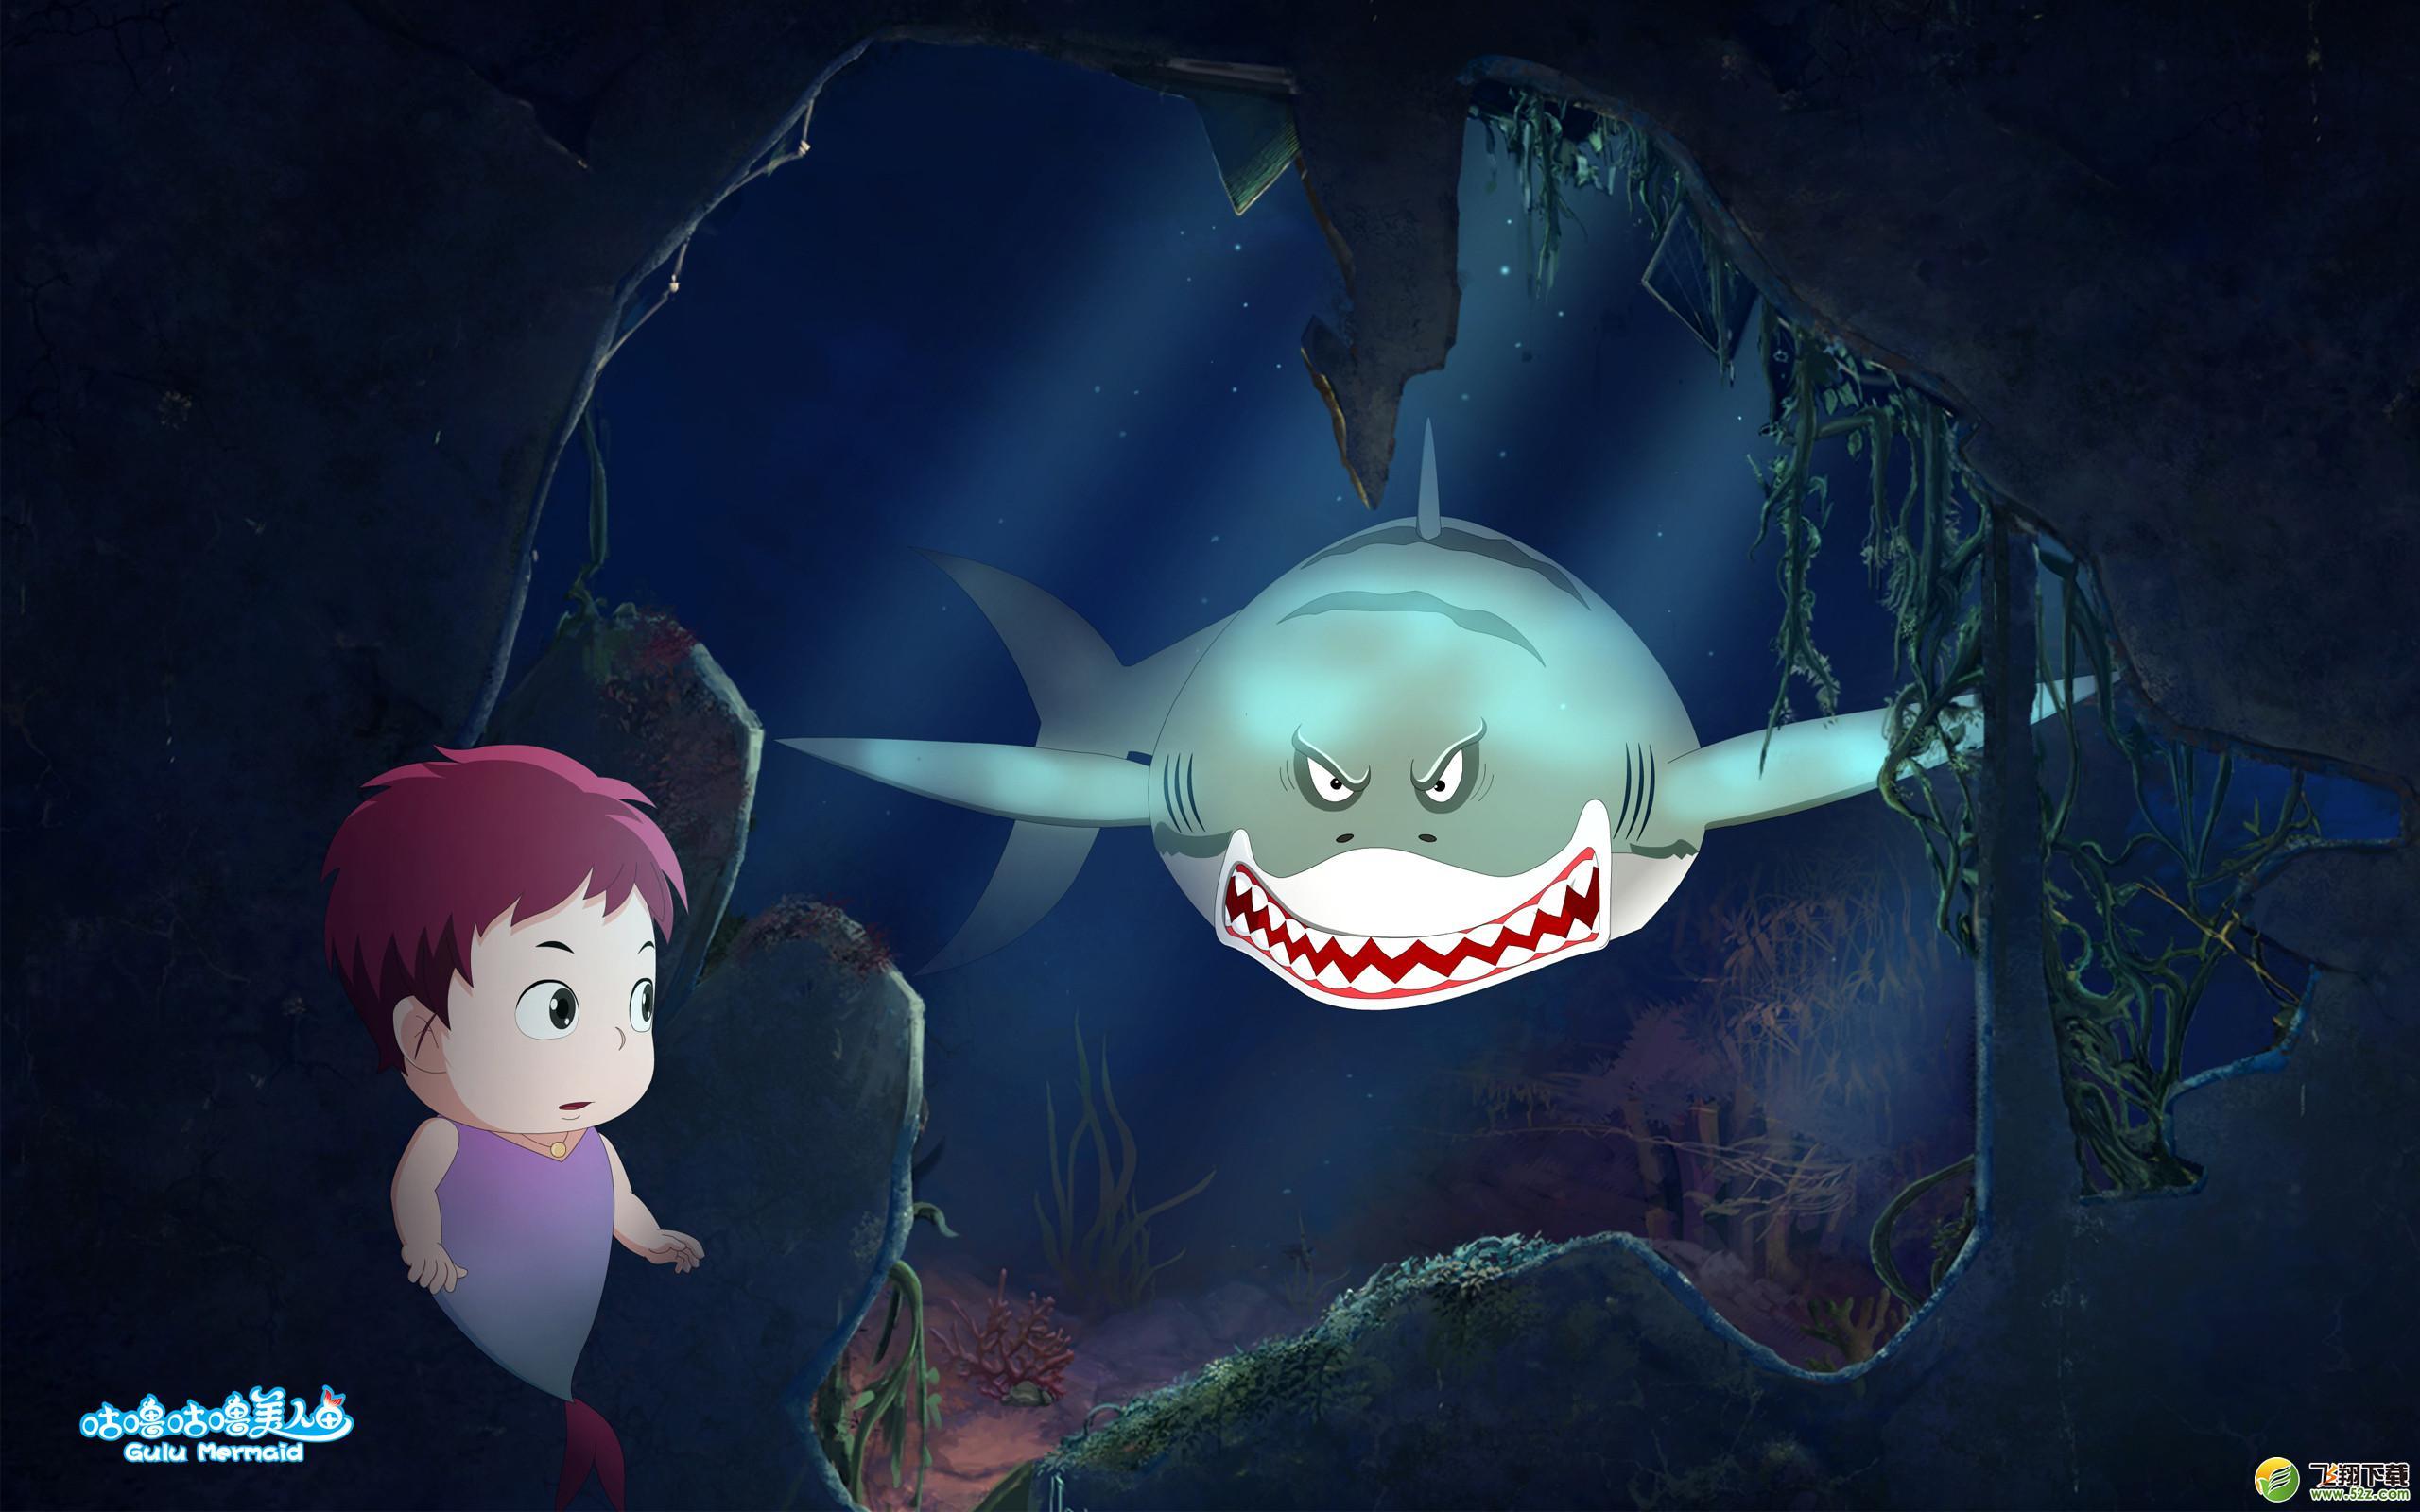 咕噜咕噜美人鱼百度云资源:百慕大三角区住着世界上最神秘的生物海怪。为了增强自己的力量,海怪每隔一段时间,都要吃一条雌性人鱼。咕噜是一条小美人鱼,她必须在夏天来临之前回到北冰洋的老家,在一次穿越百慕大神秘海区时,咕噜和妈妈失散。找不到妈妈的咕噜,被邪恶的海怪发现。海怪派出手下追捕咕噜,多亏善良机敏的海豚多多出手相救,却再次遇到海怪的手下,咕噜一行再次遭受重伤52z飞翔下载中心为你提供下载。